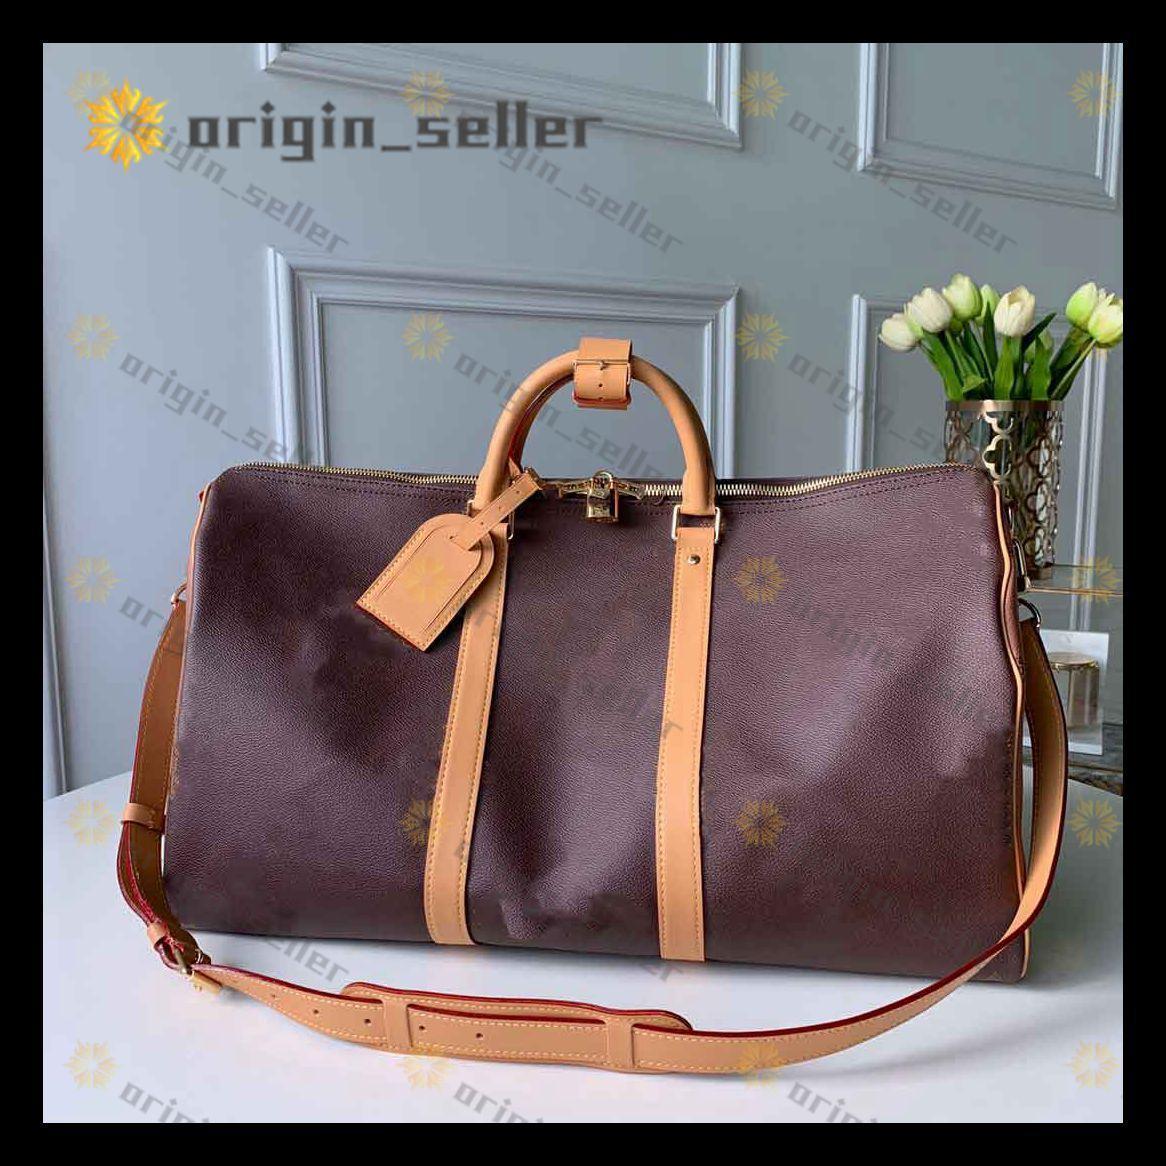 M41414 travel bag borsone sacchetto di viaggio  sacchetti di Duffel grande capacità sacchetto dei bagagli borsa impermeabile borse casual di viaggio